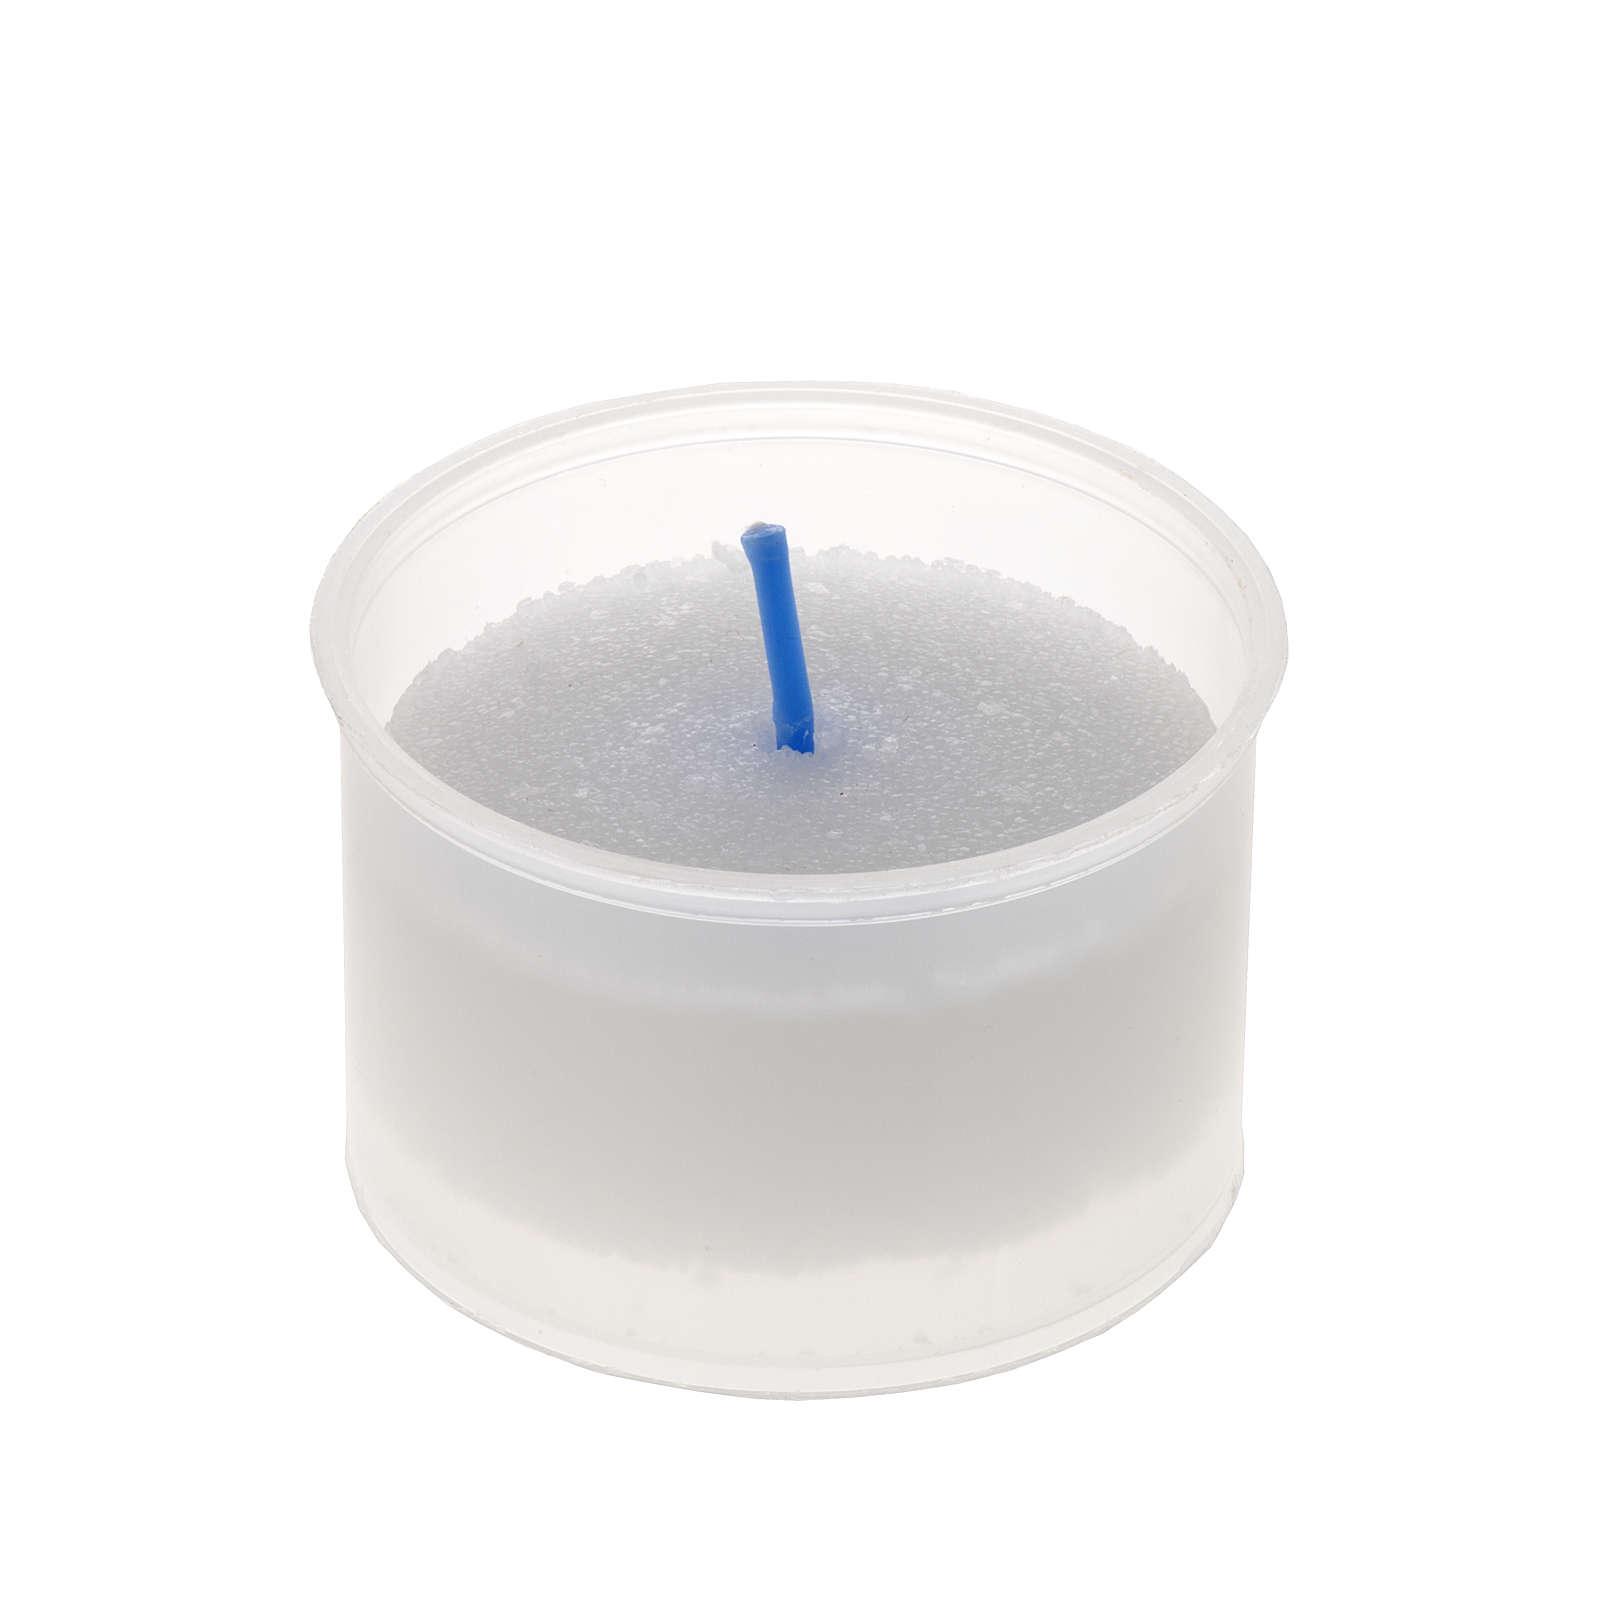 Tea light candle - white little Star model 3